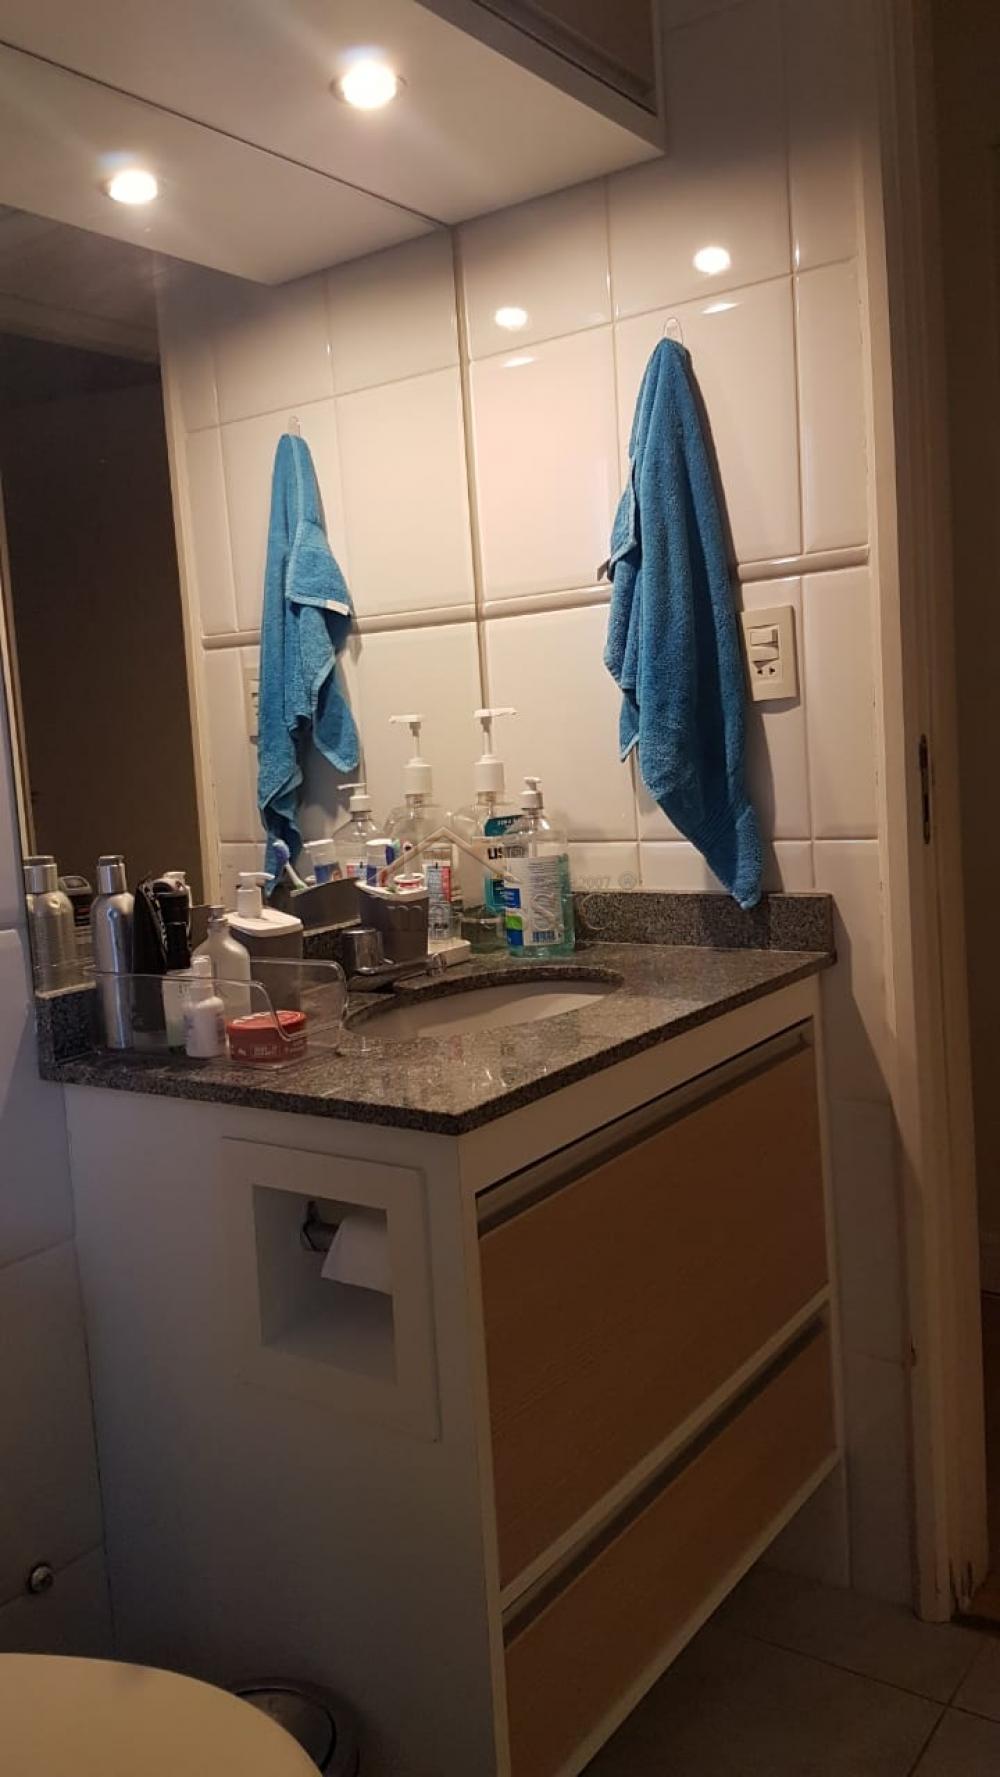 Comprar Apartamentos / Padrão em São José dos Campos apenas R$ 385.000,00 - Foto 11